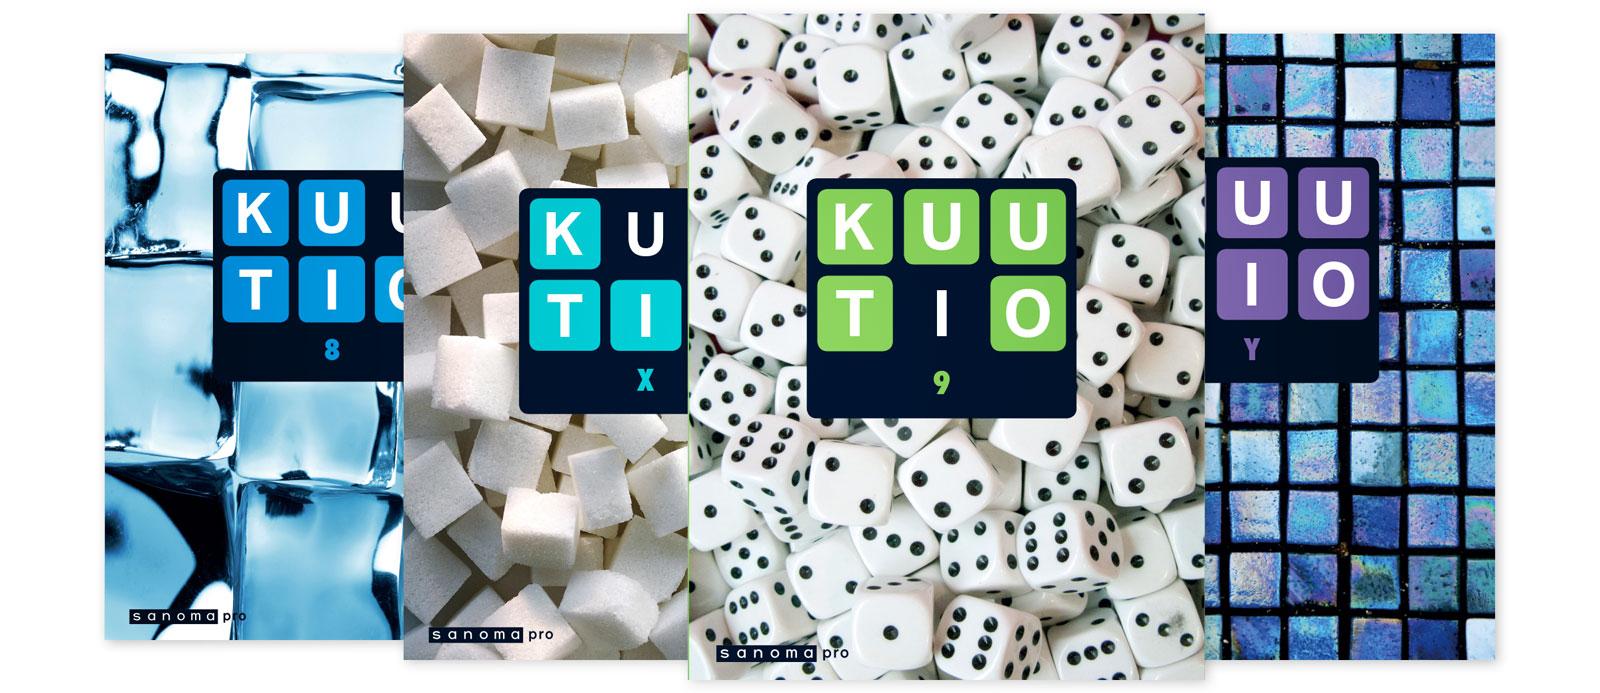 Sanoma Pron yläkoulun matematiikan Kuutio-sarja